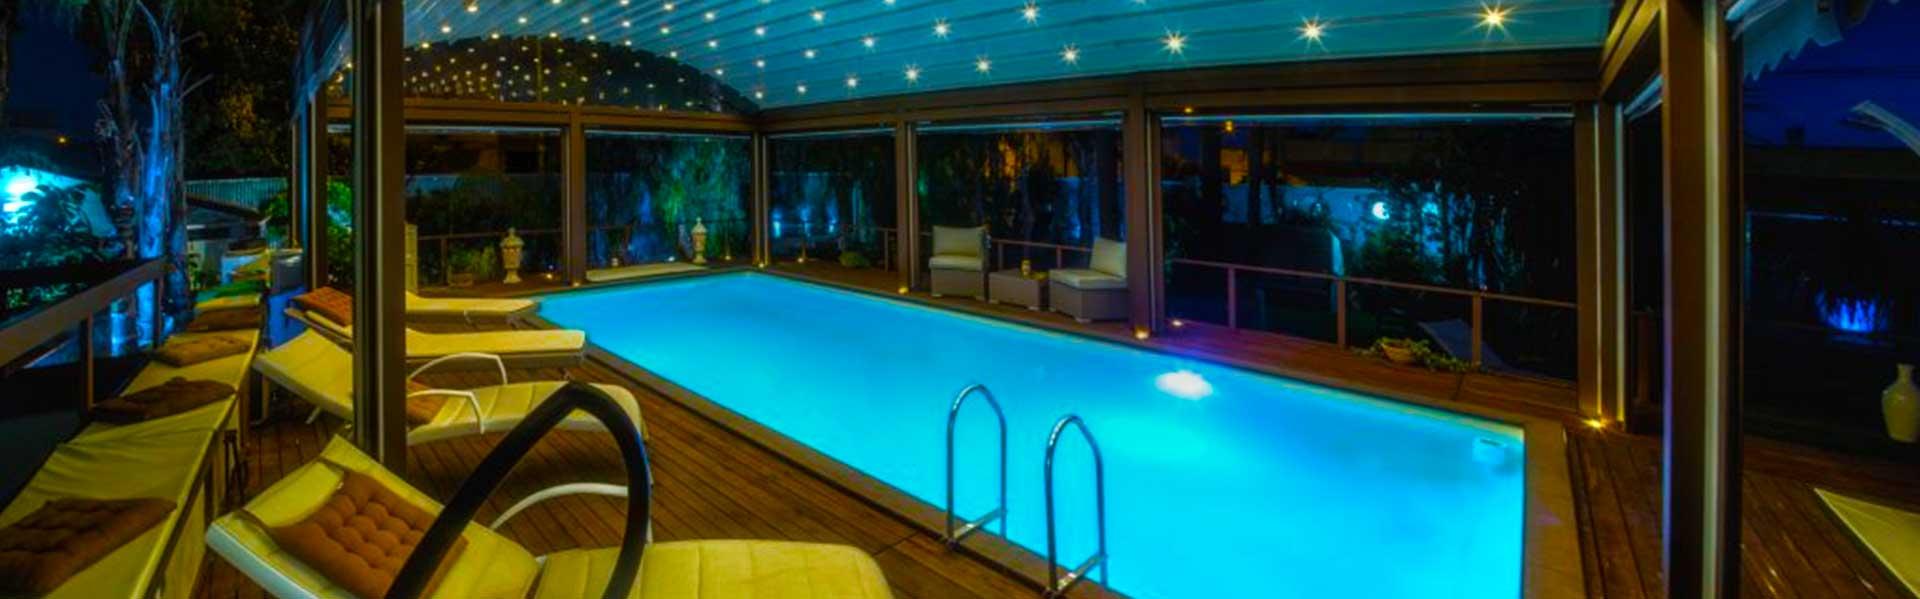 slider pools